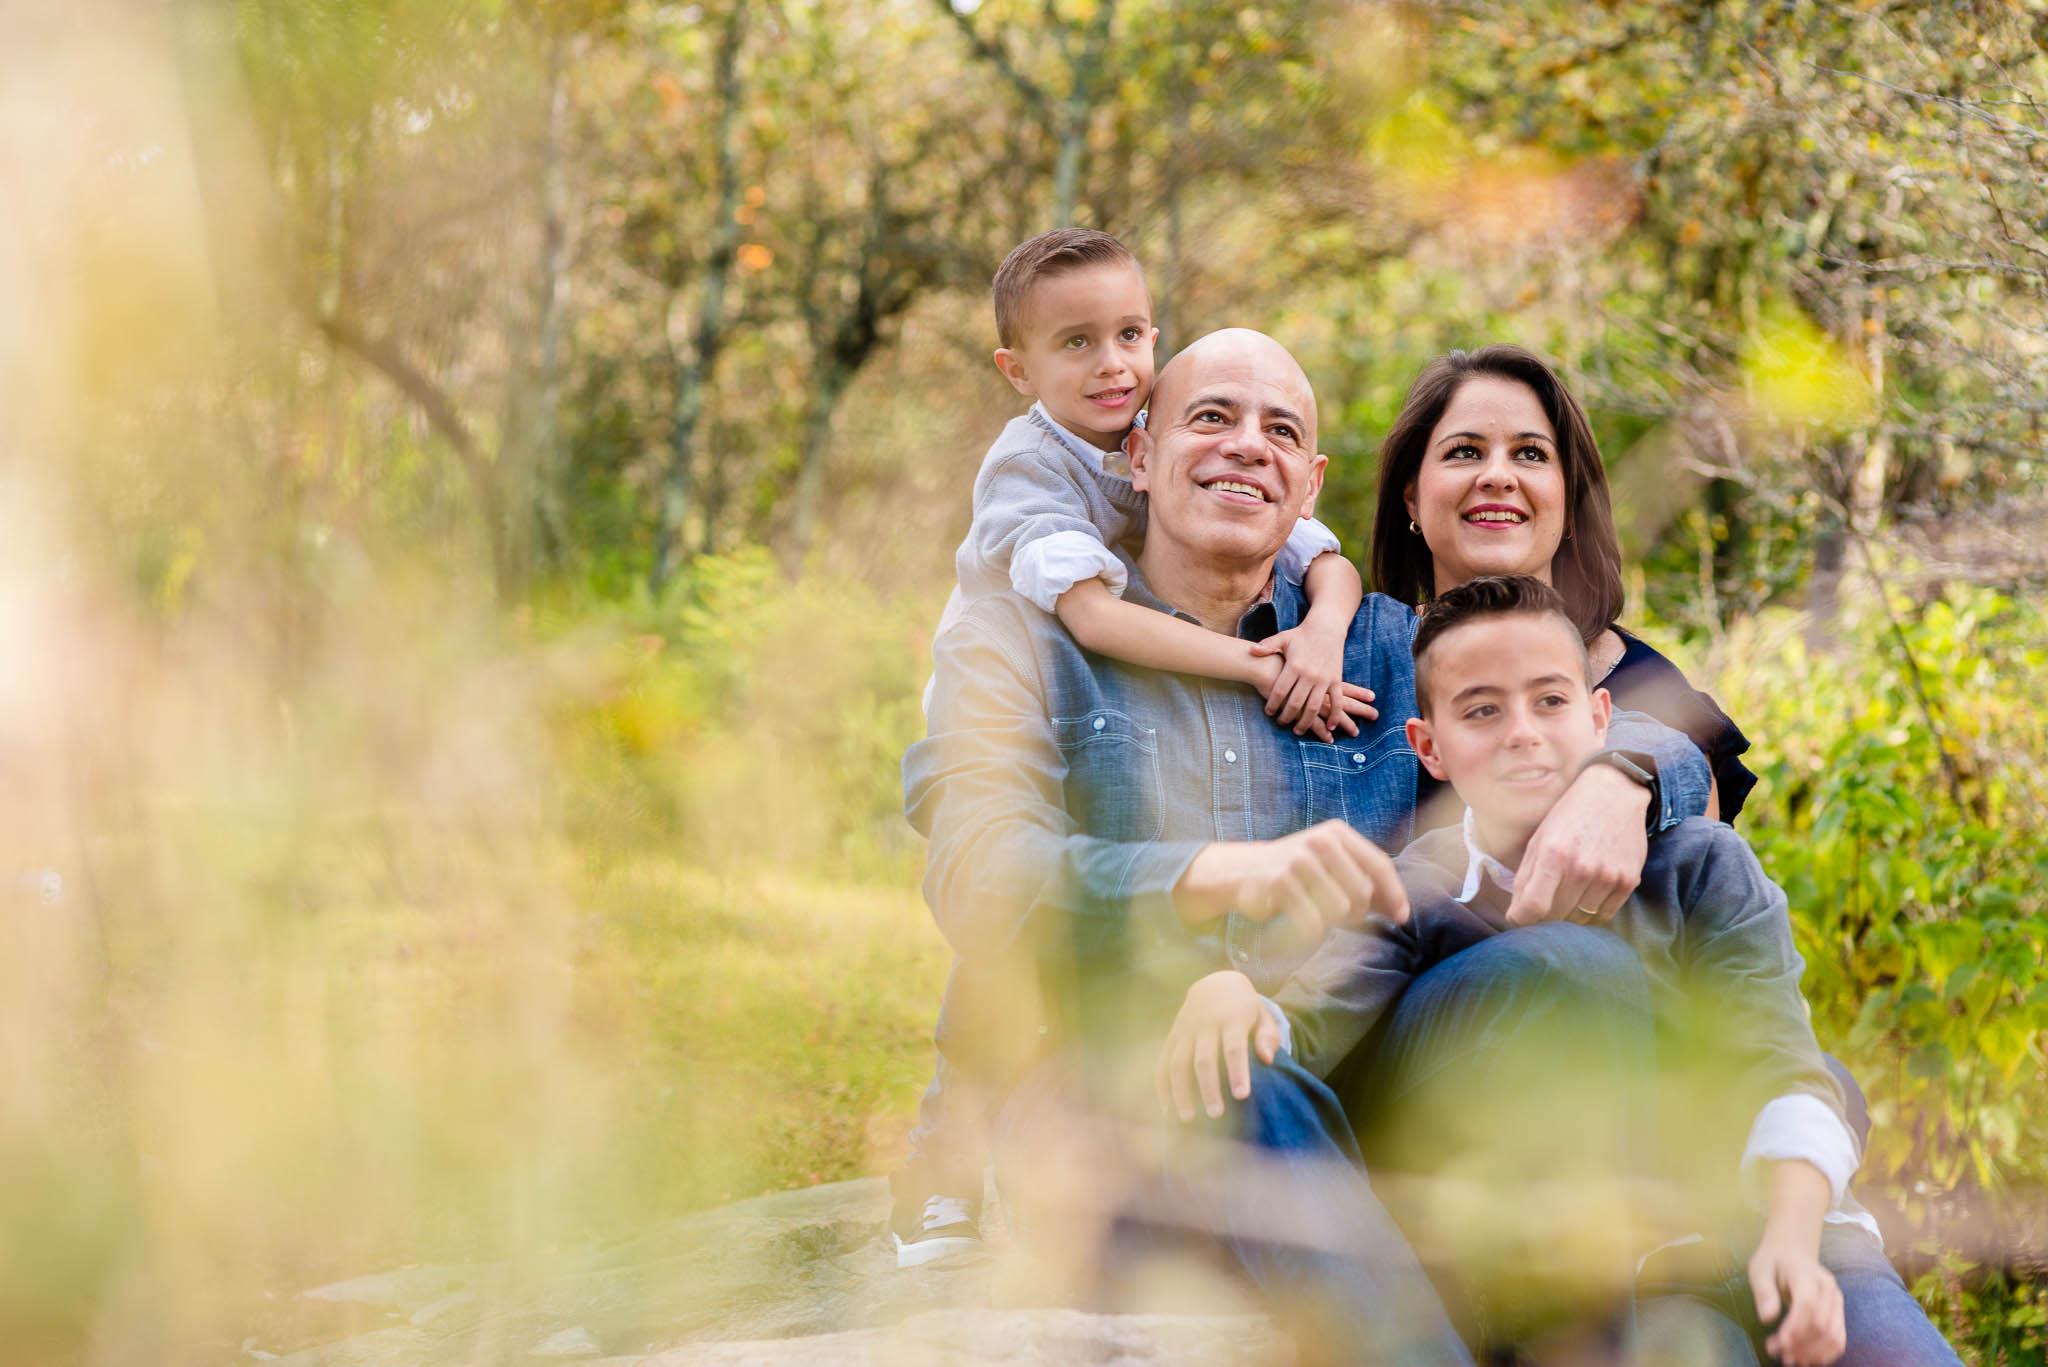 sesion familiar fotografia de familia fotos de familia fotografo san luis potosi luz escrita 13